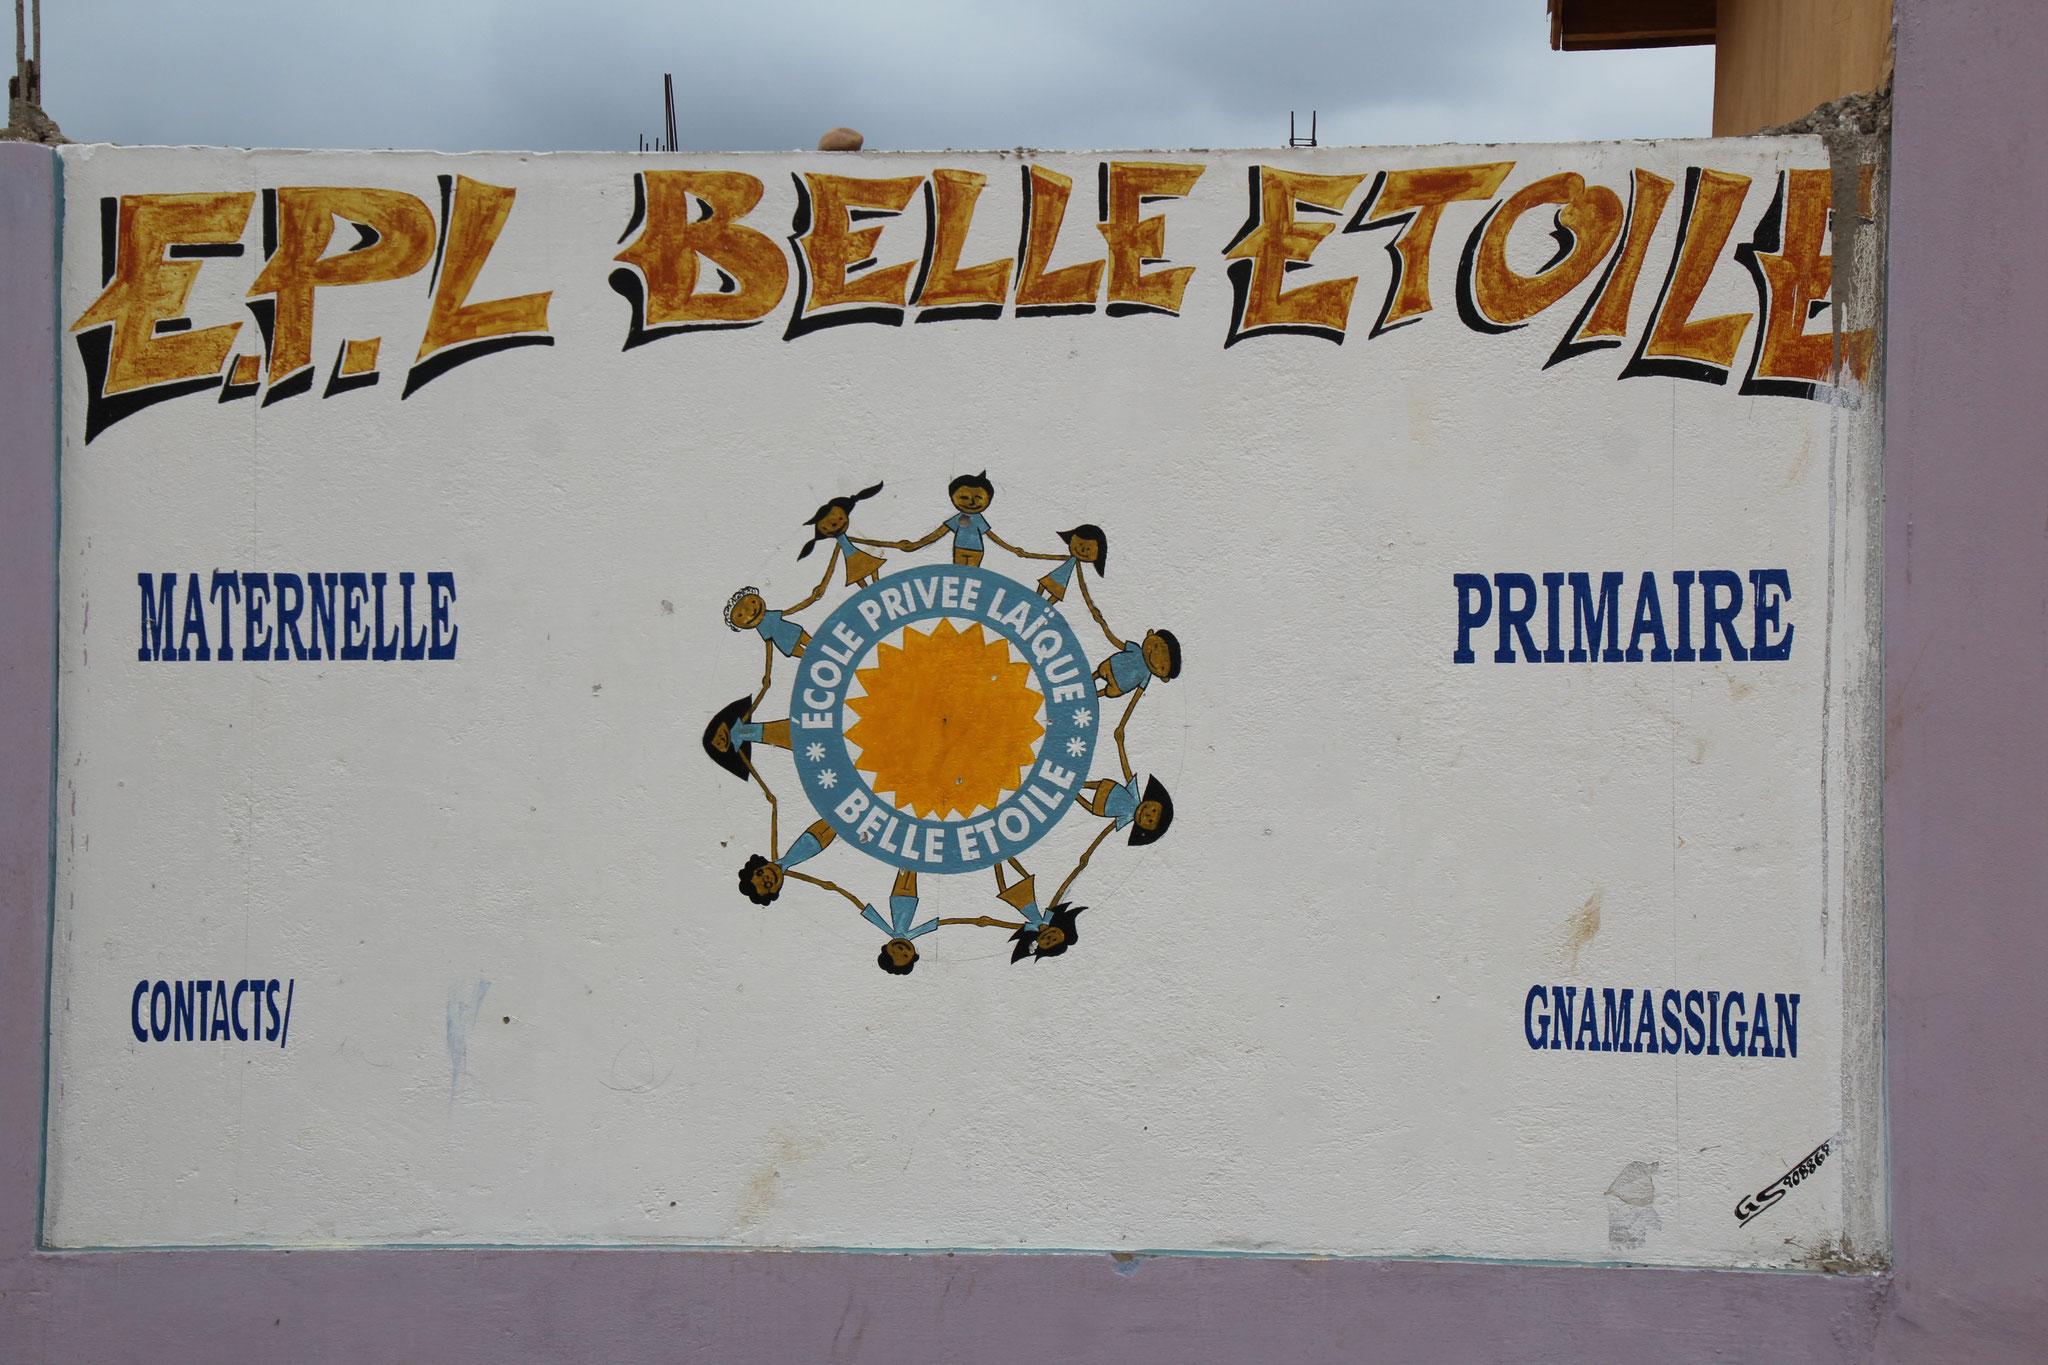 EPL Belle Etoile